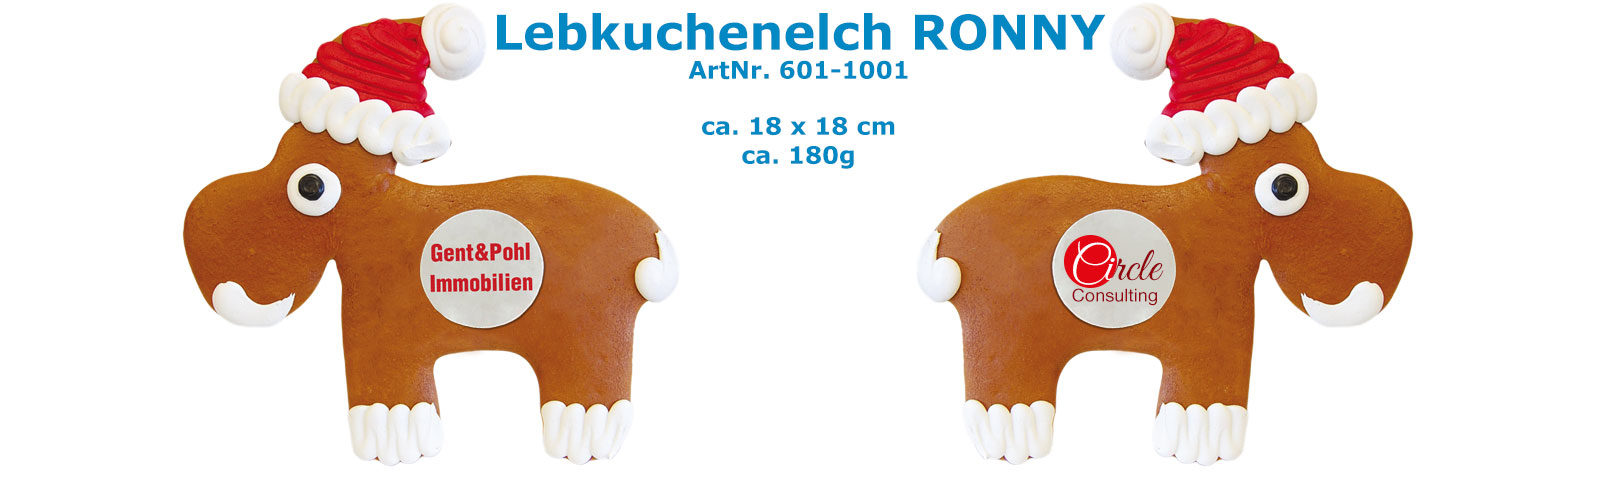 Lebkuchenelch RONNY mit Logo